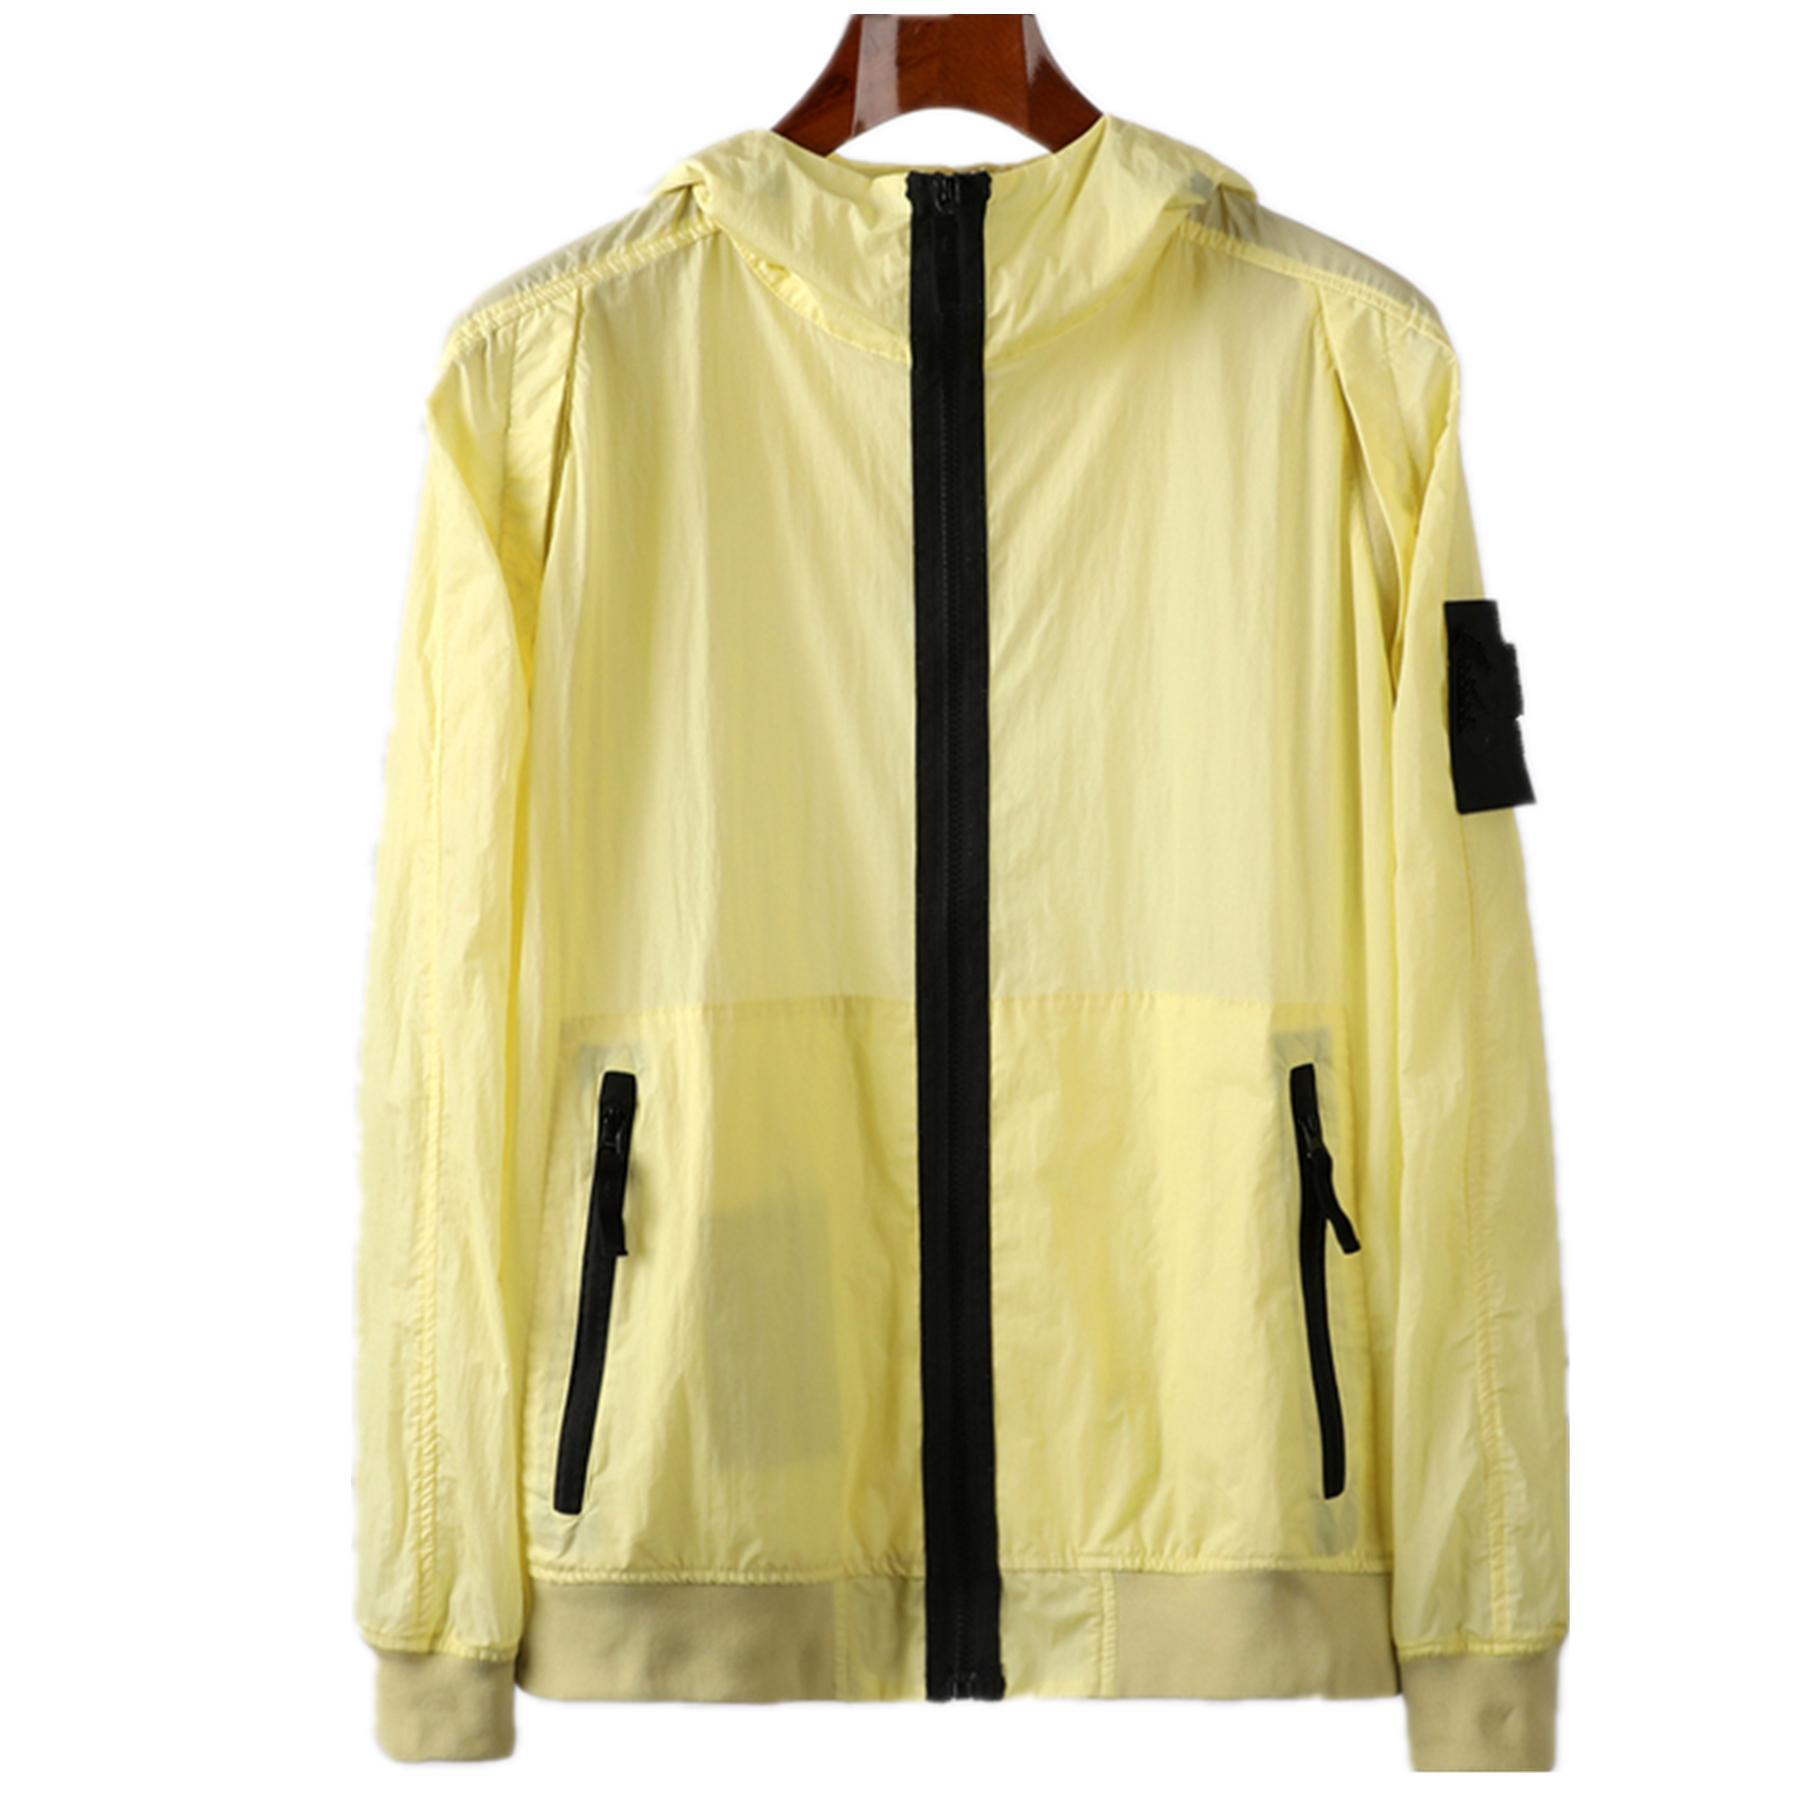 CP topstoney PIRATE UNTERNEHMEN 2020 konng gonng Neuer Frühling und Sommer dünne Jacke Modemarke Mantel im Freien Sonne Beweis Windjacke